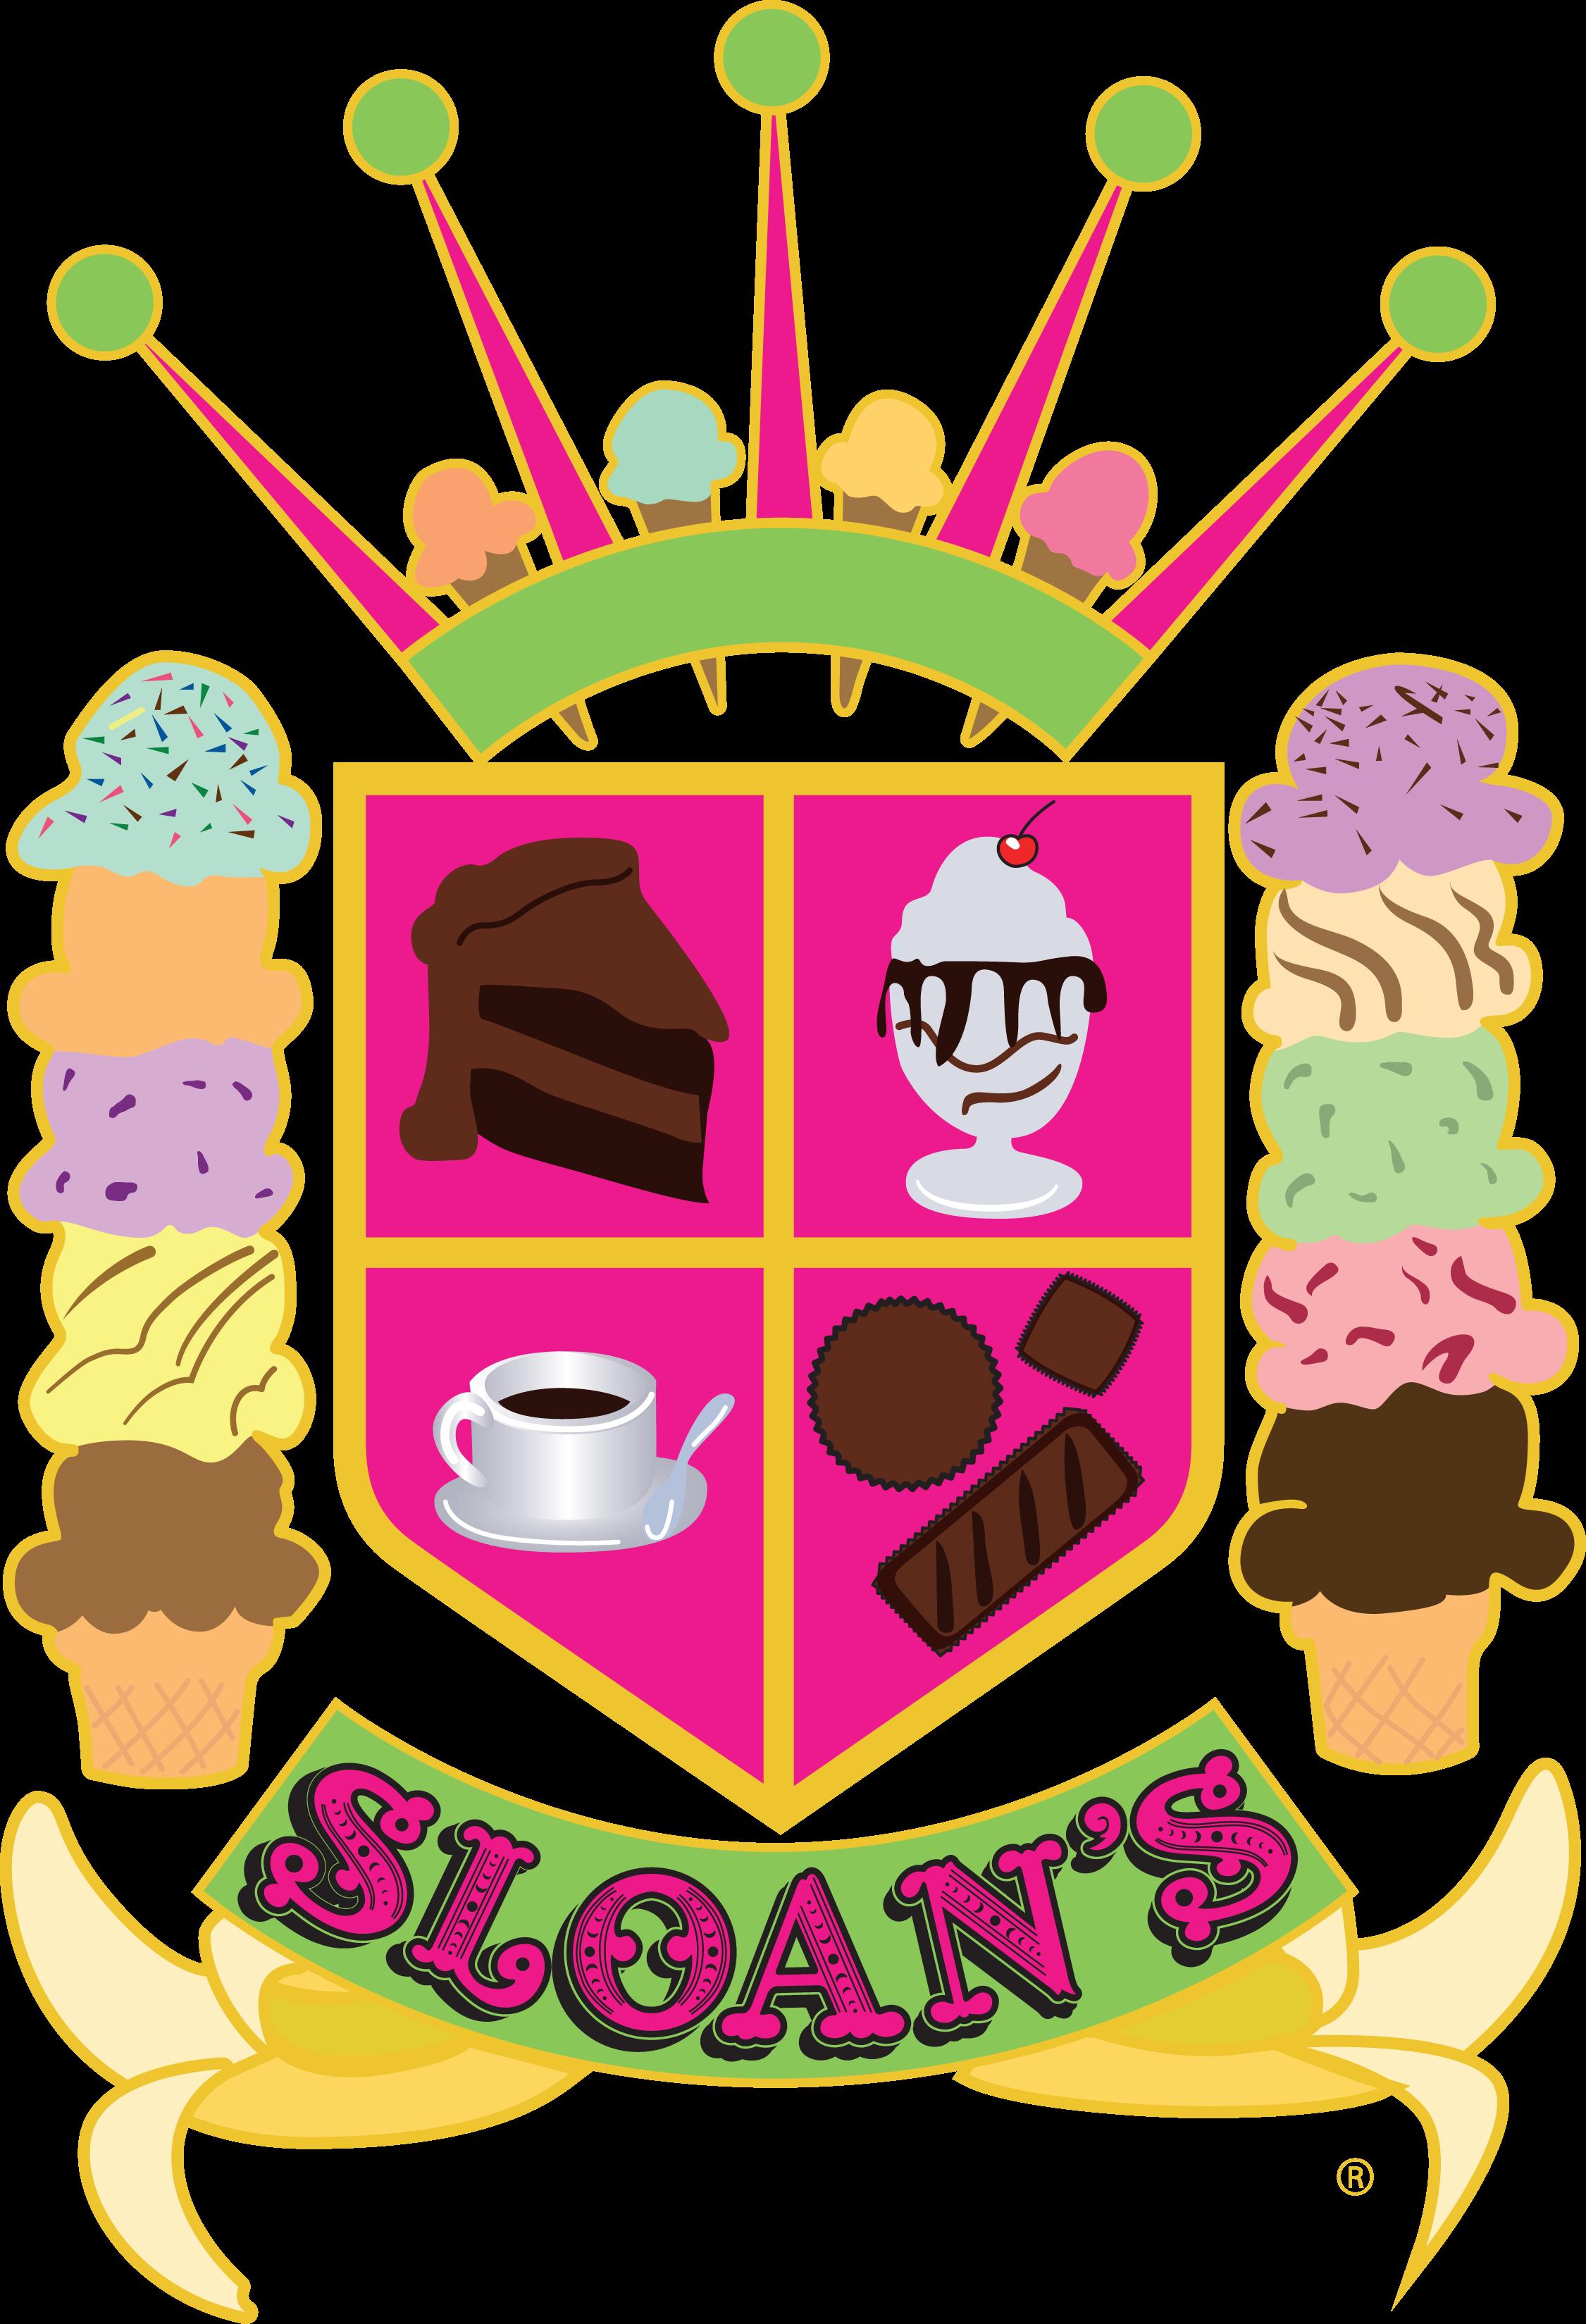 Sloan's, Best Ice cream, Tasty desserts